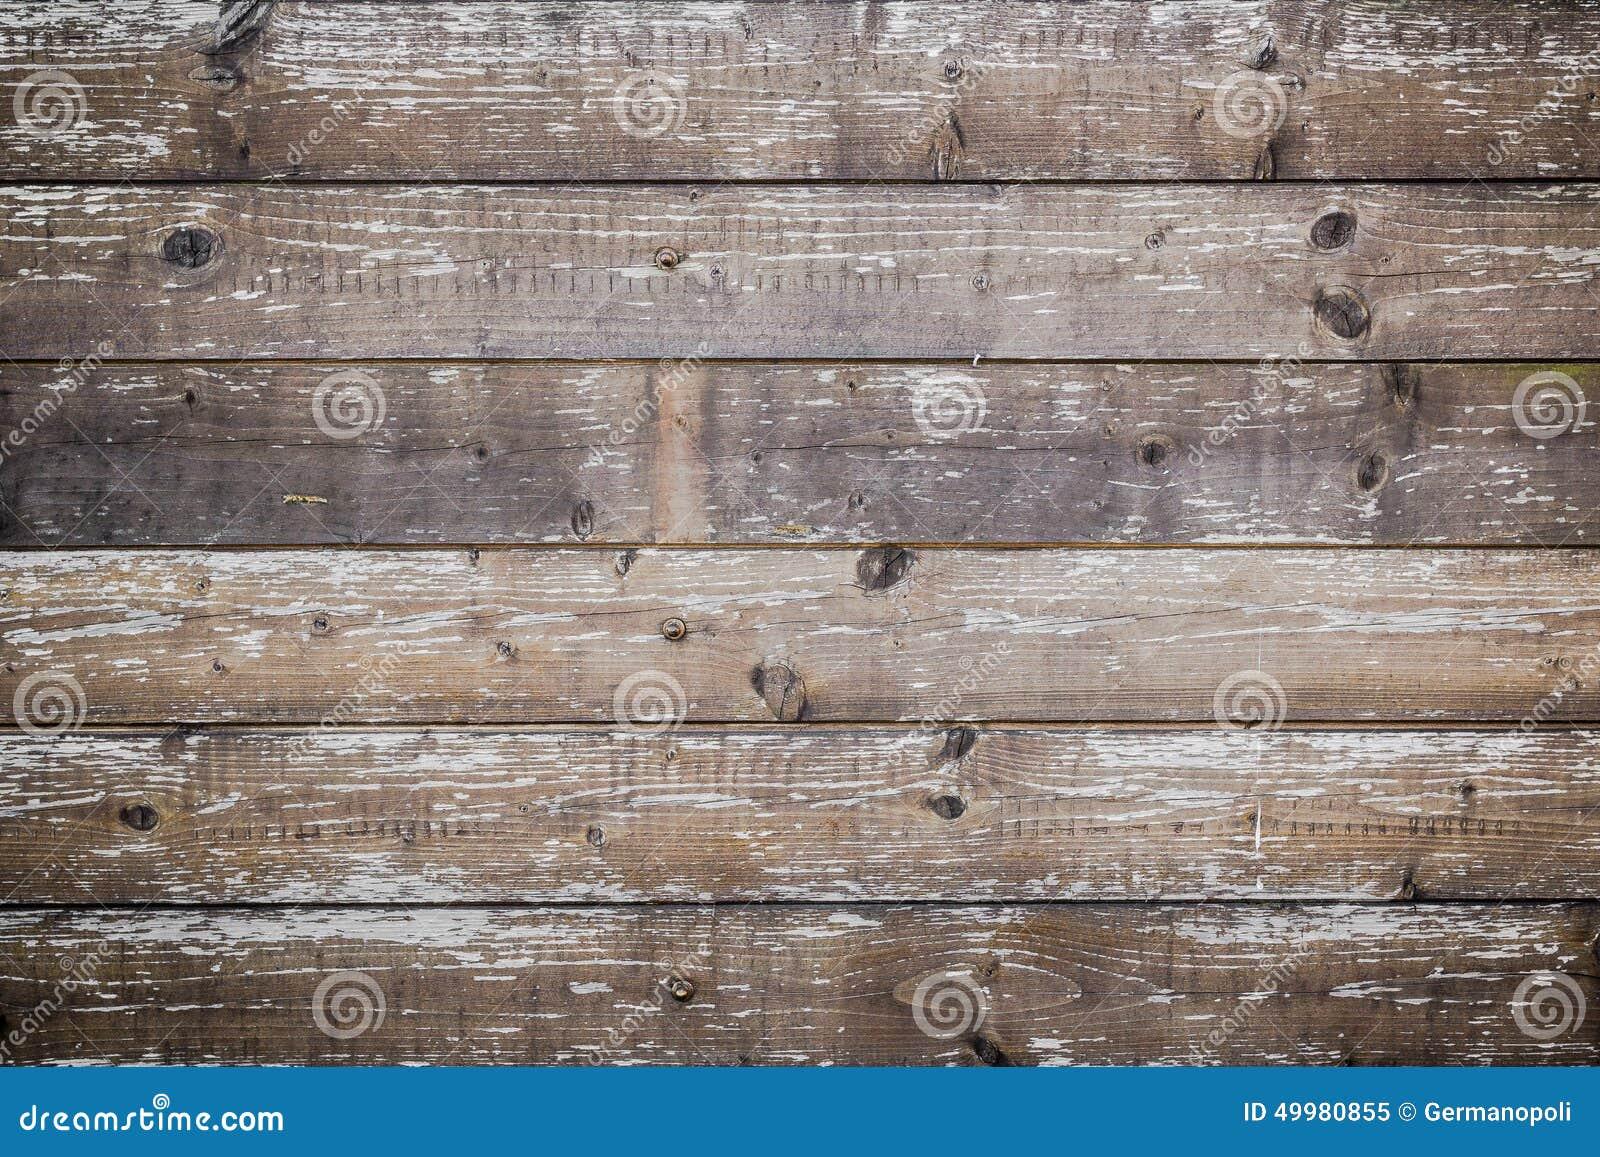 Tablones de la madera foto de archivo imagen 49980855 for Tablones de madera precios